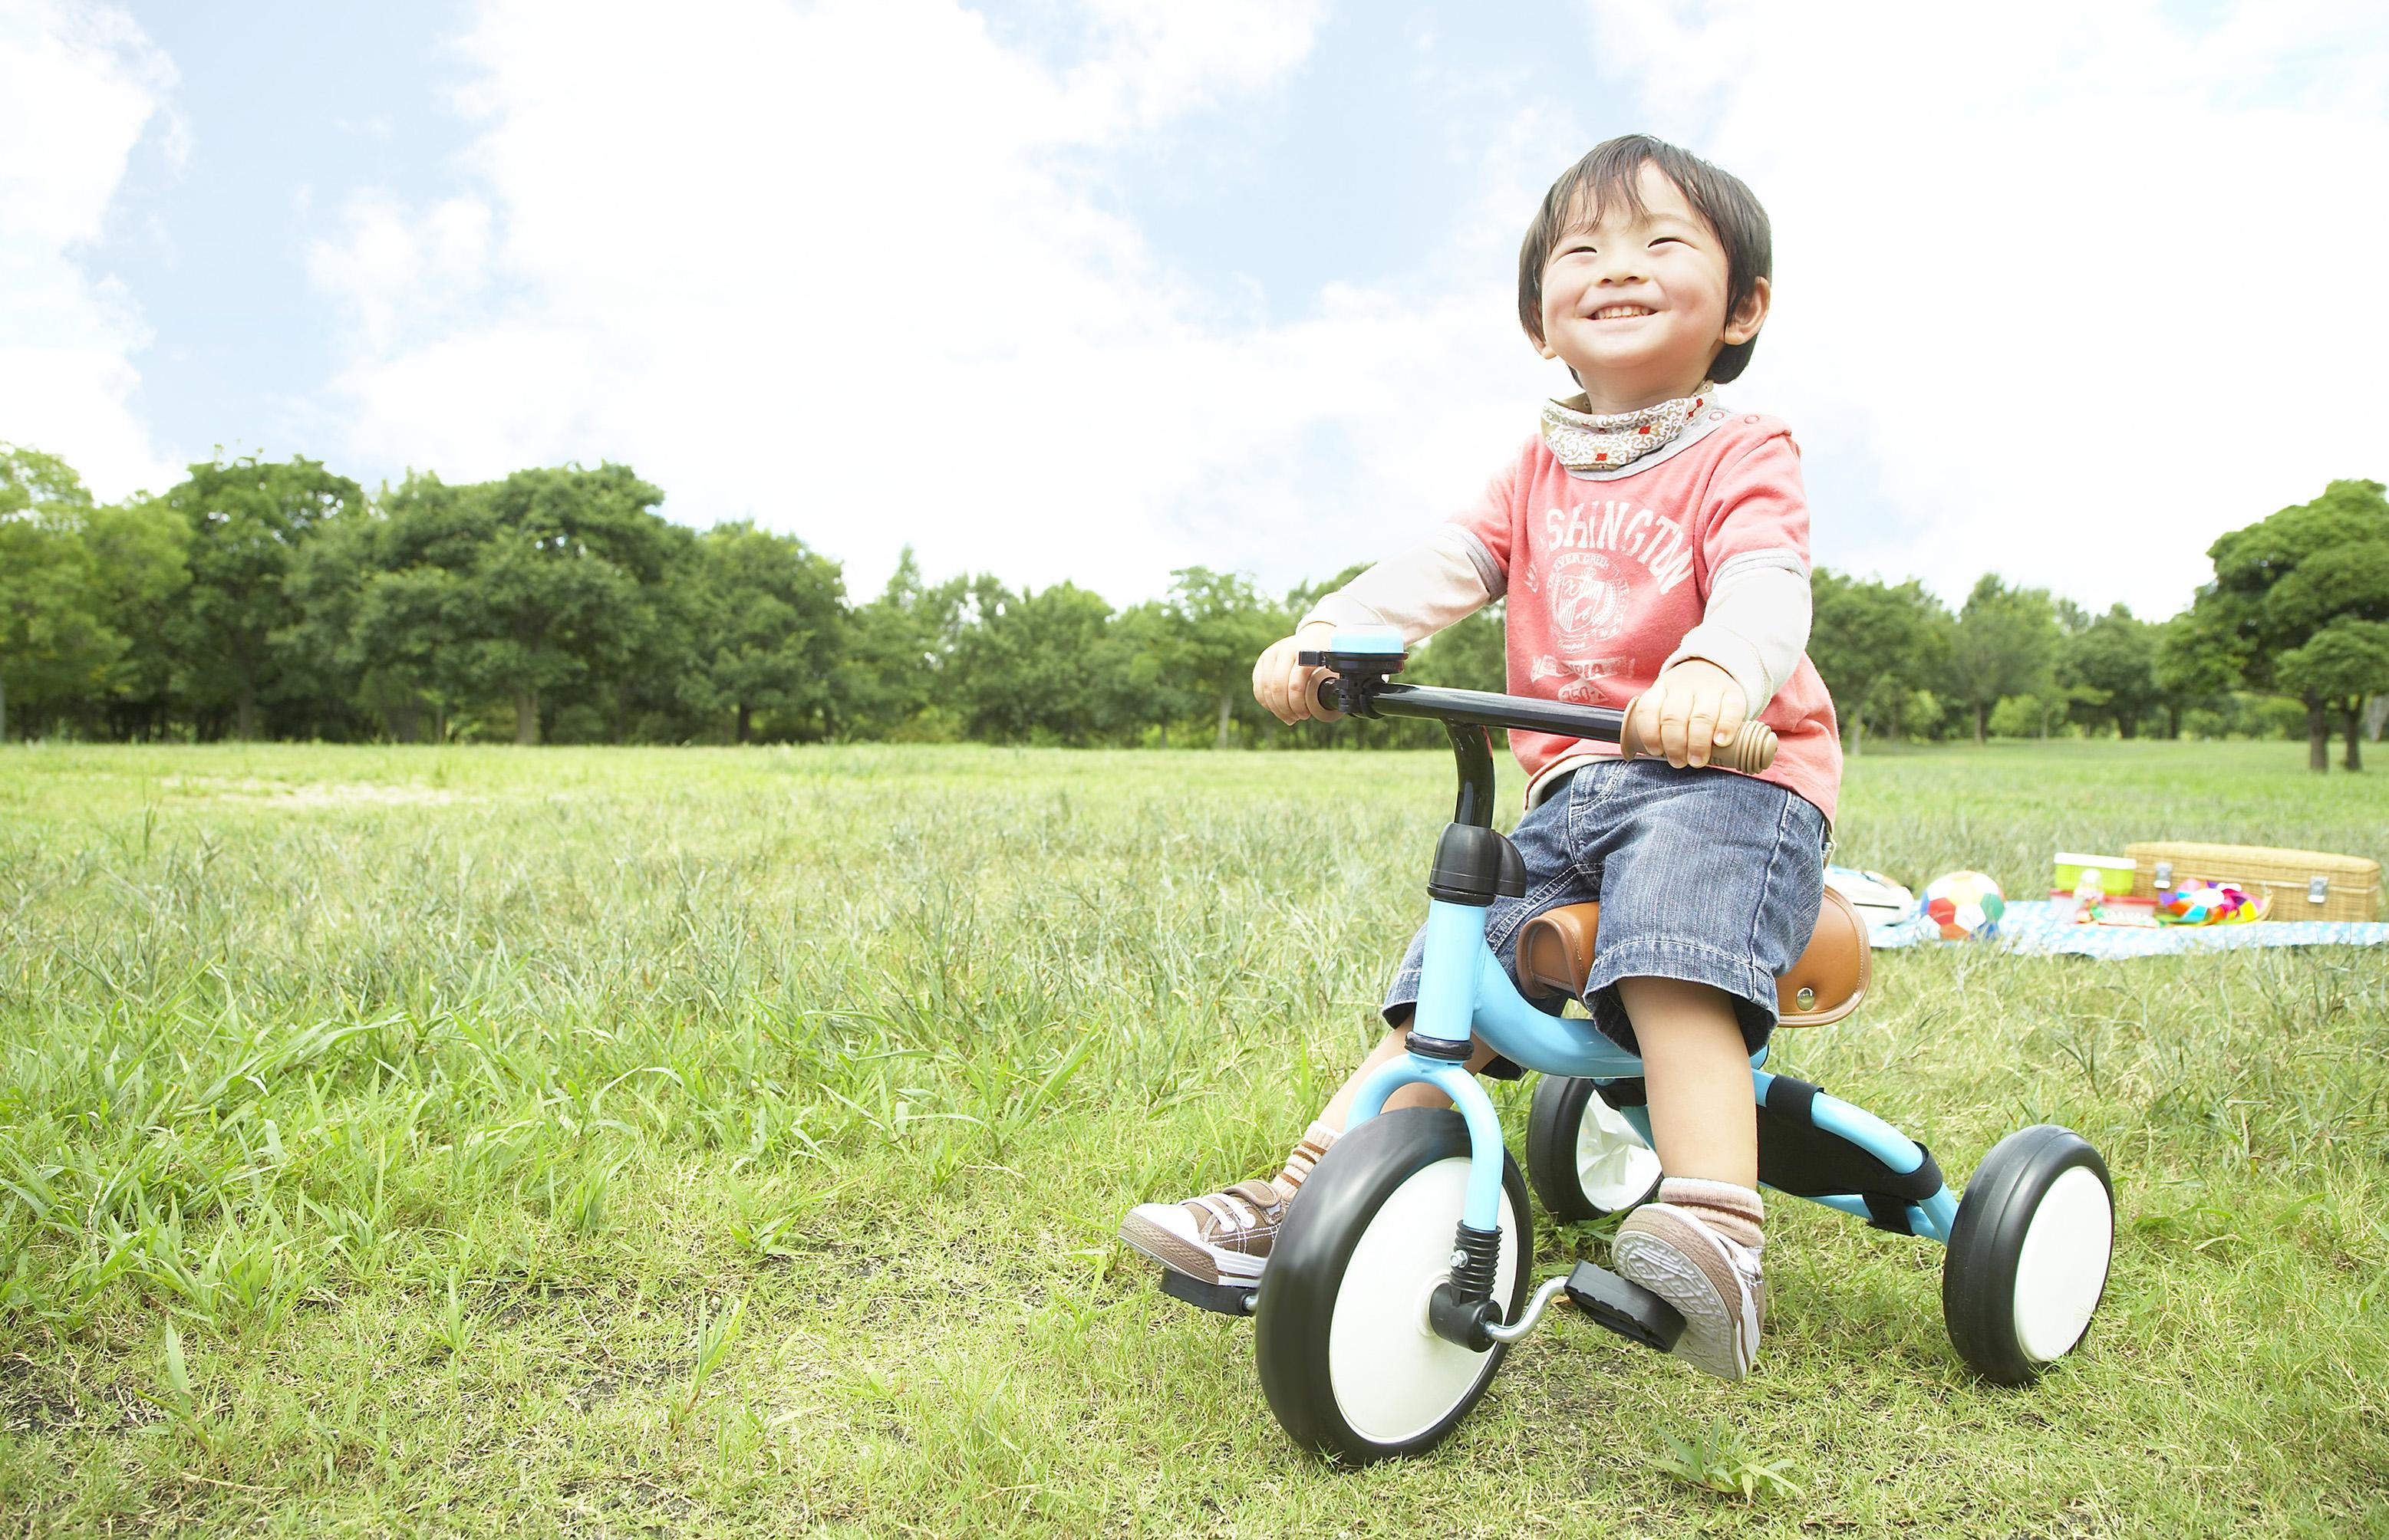 三輪車、Trike、トライク、さんりんしゃ、シンプル、Tricycle、